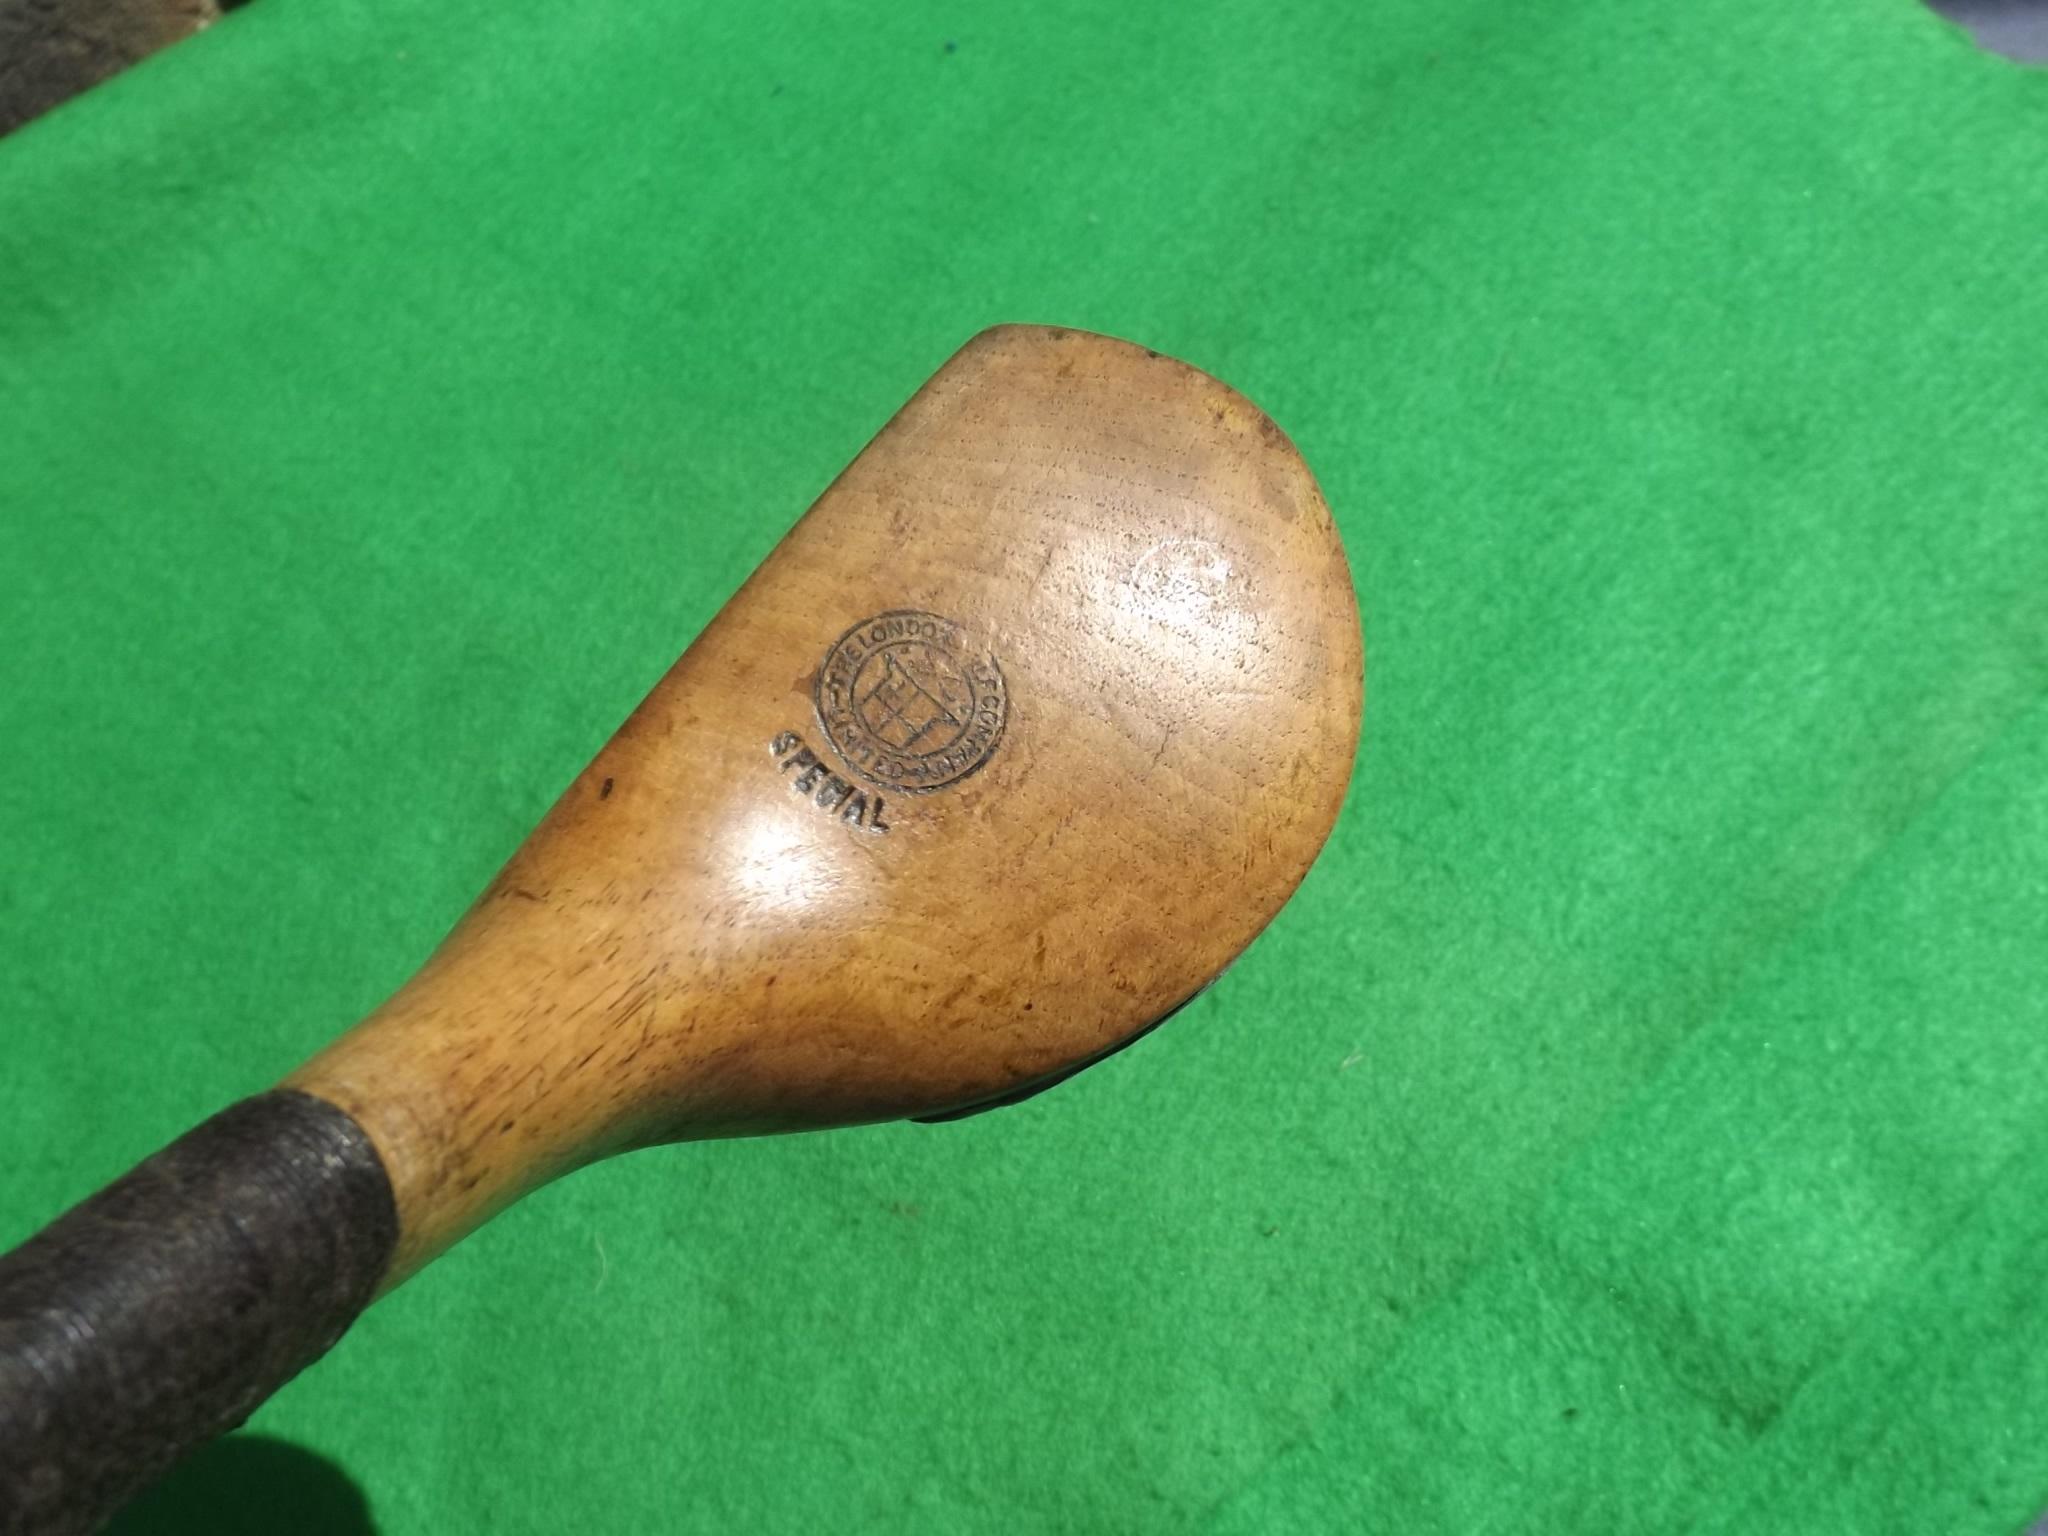 Blondie Scared Head Brassie The London Golf Co